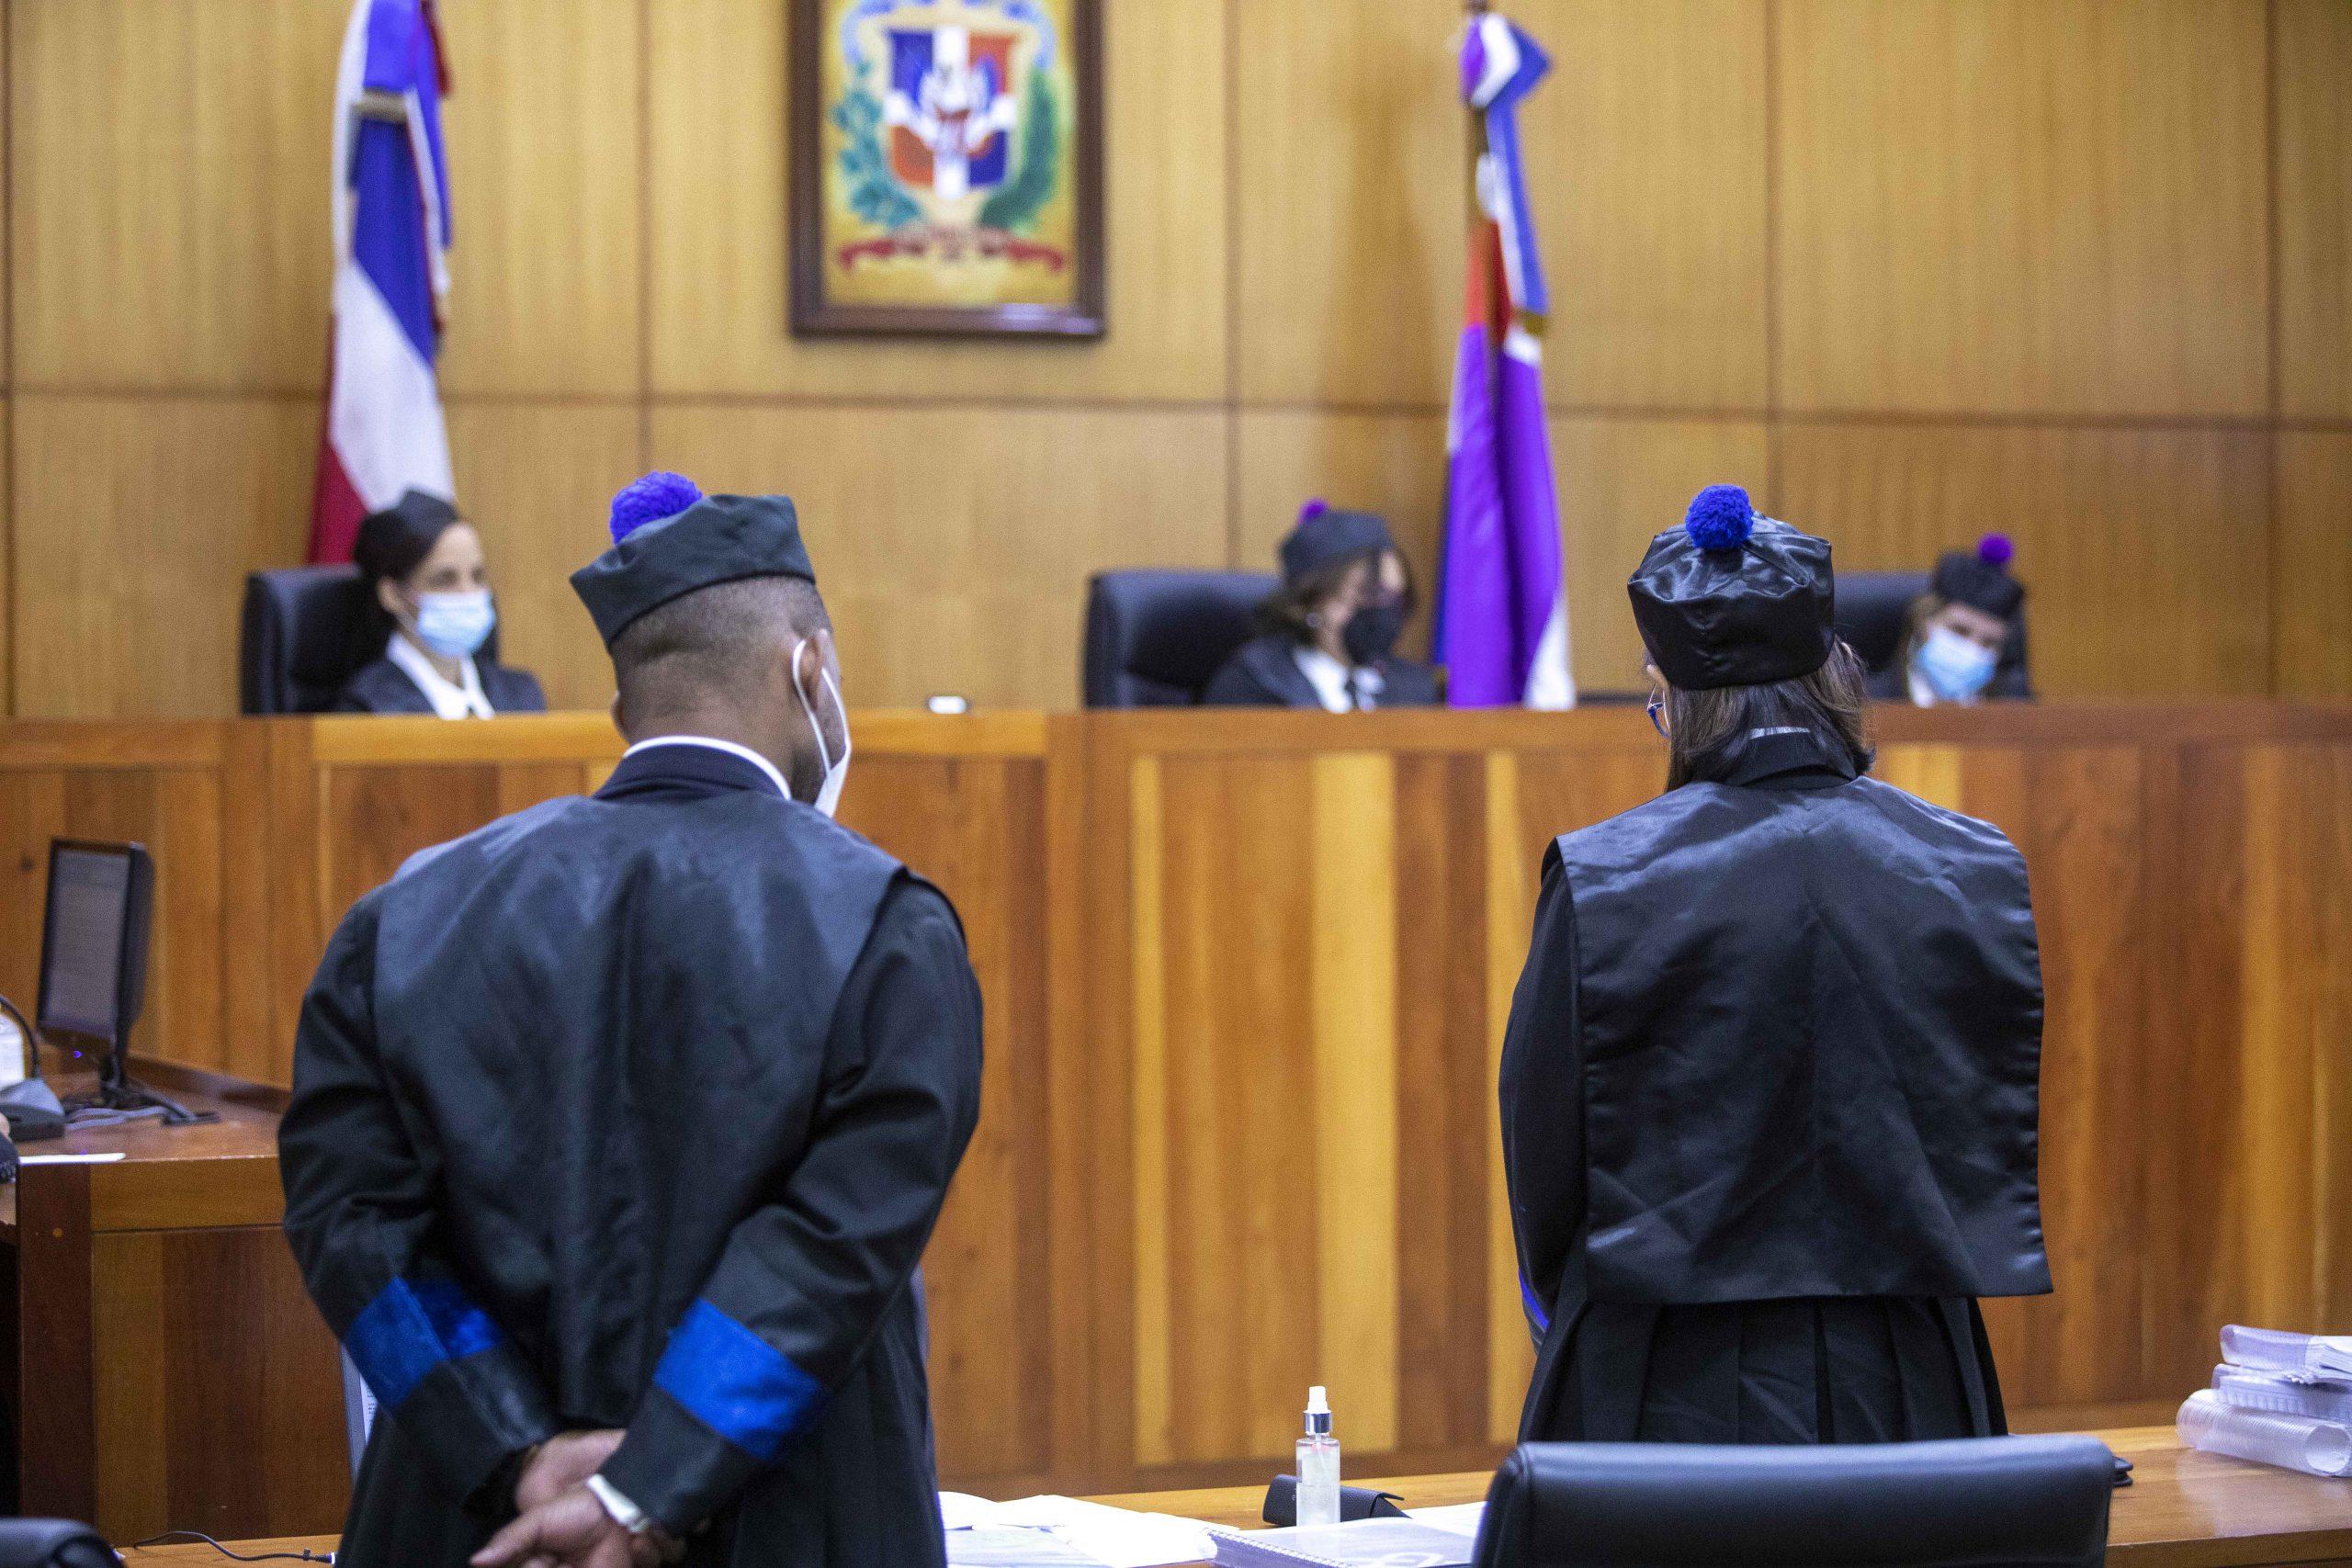 Testigos a cargo del Ministerio Público continúan presentándose en juicio Odebrecht